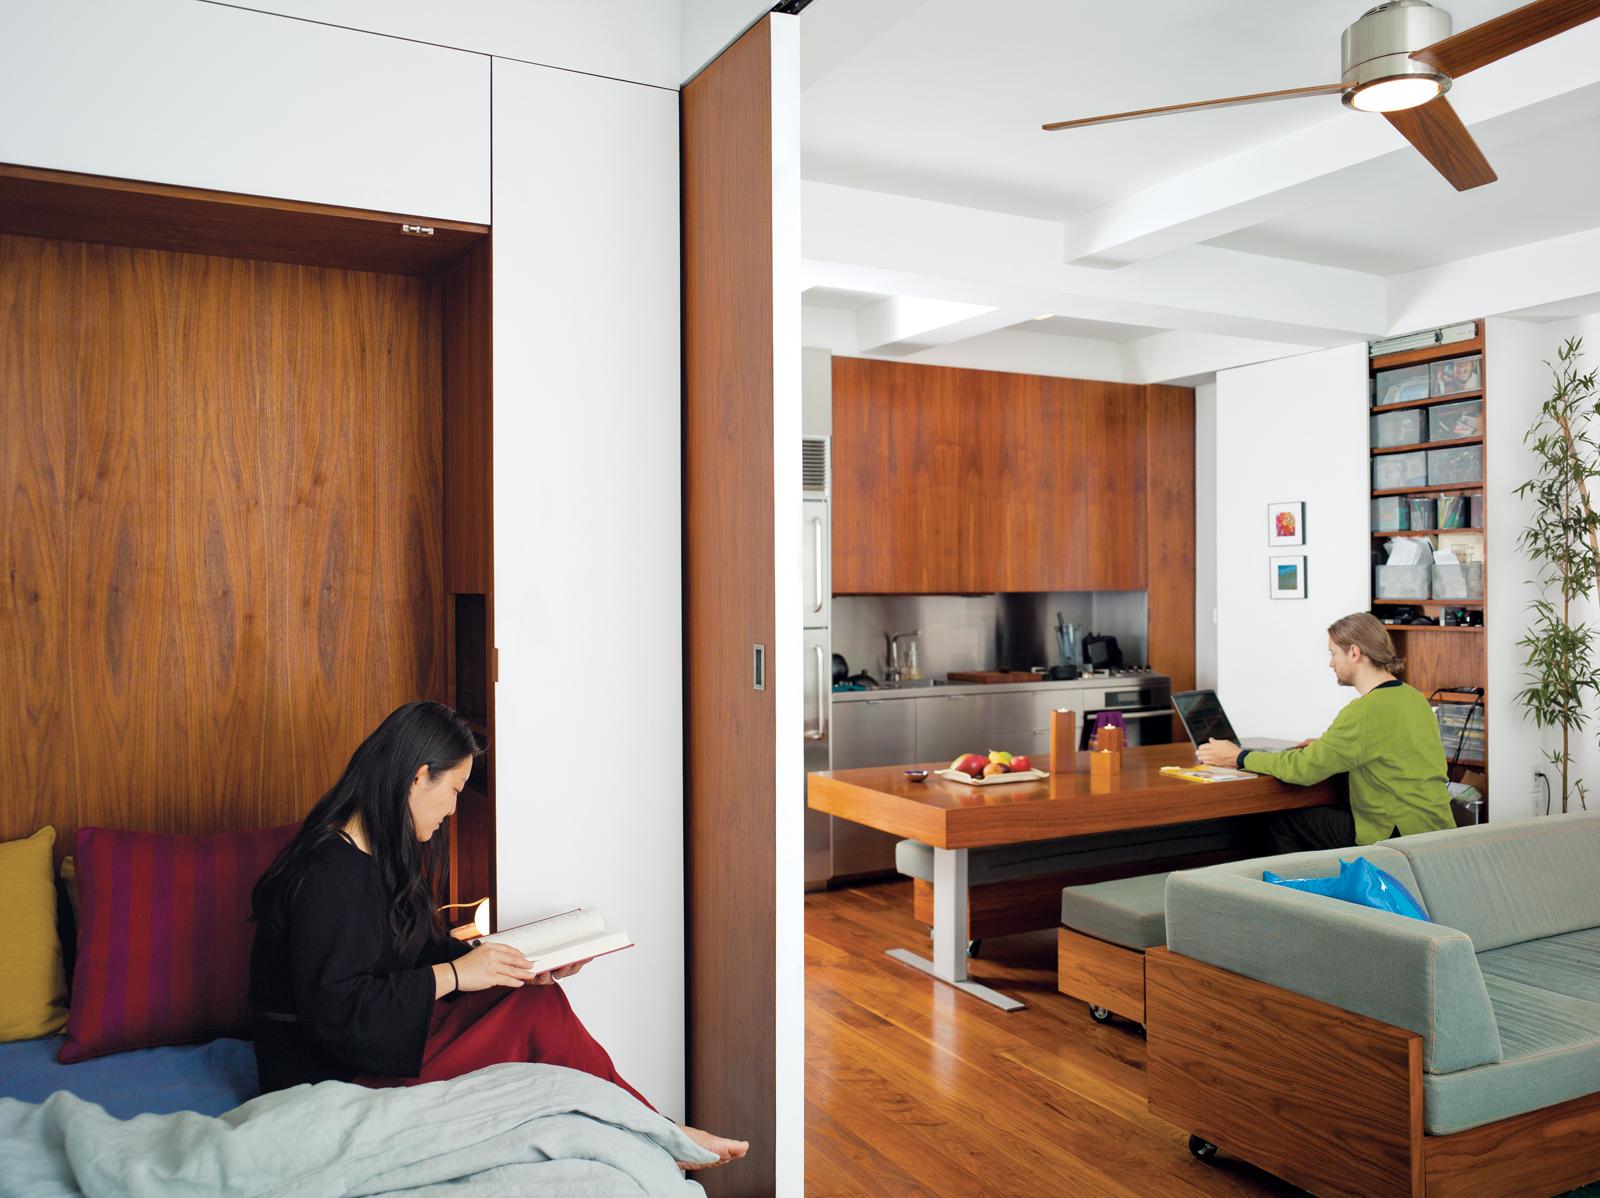 Sliding door divider between bedroom and kitchen